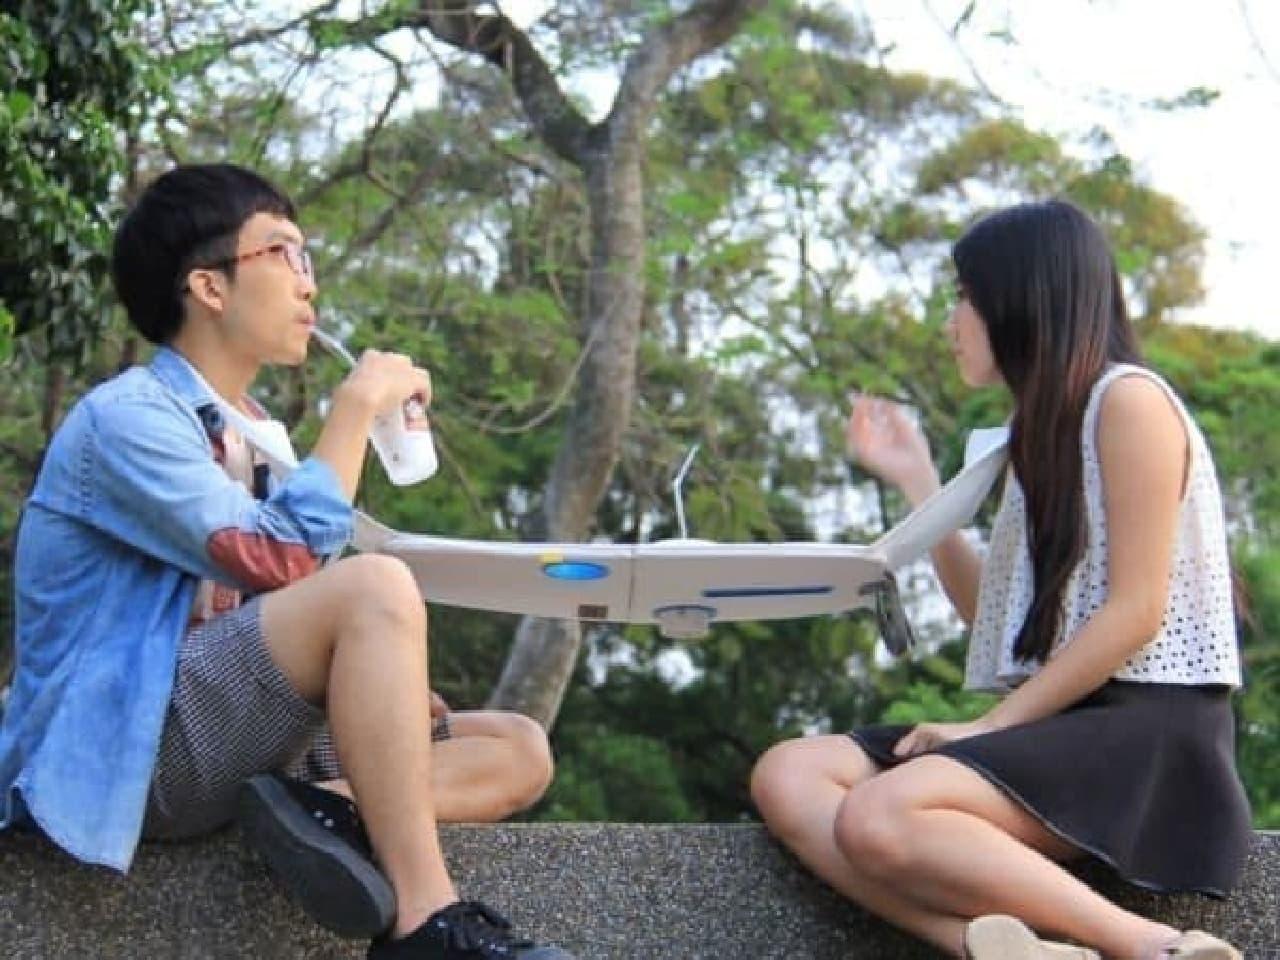 台湾 東海大学の大学院生が製作した「Napkin Table(ナプキンテーブル)」